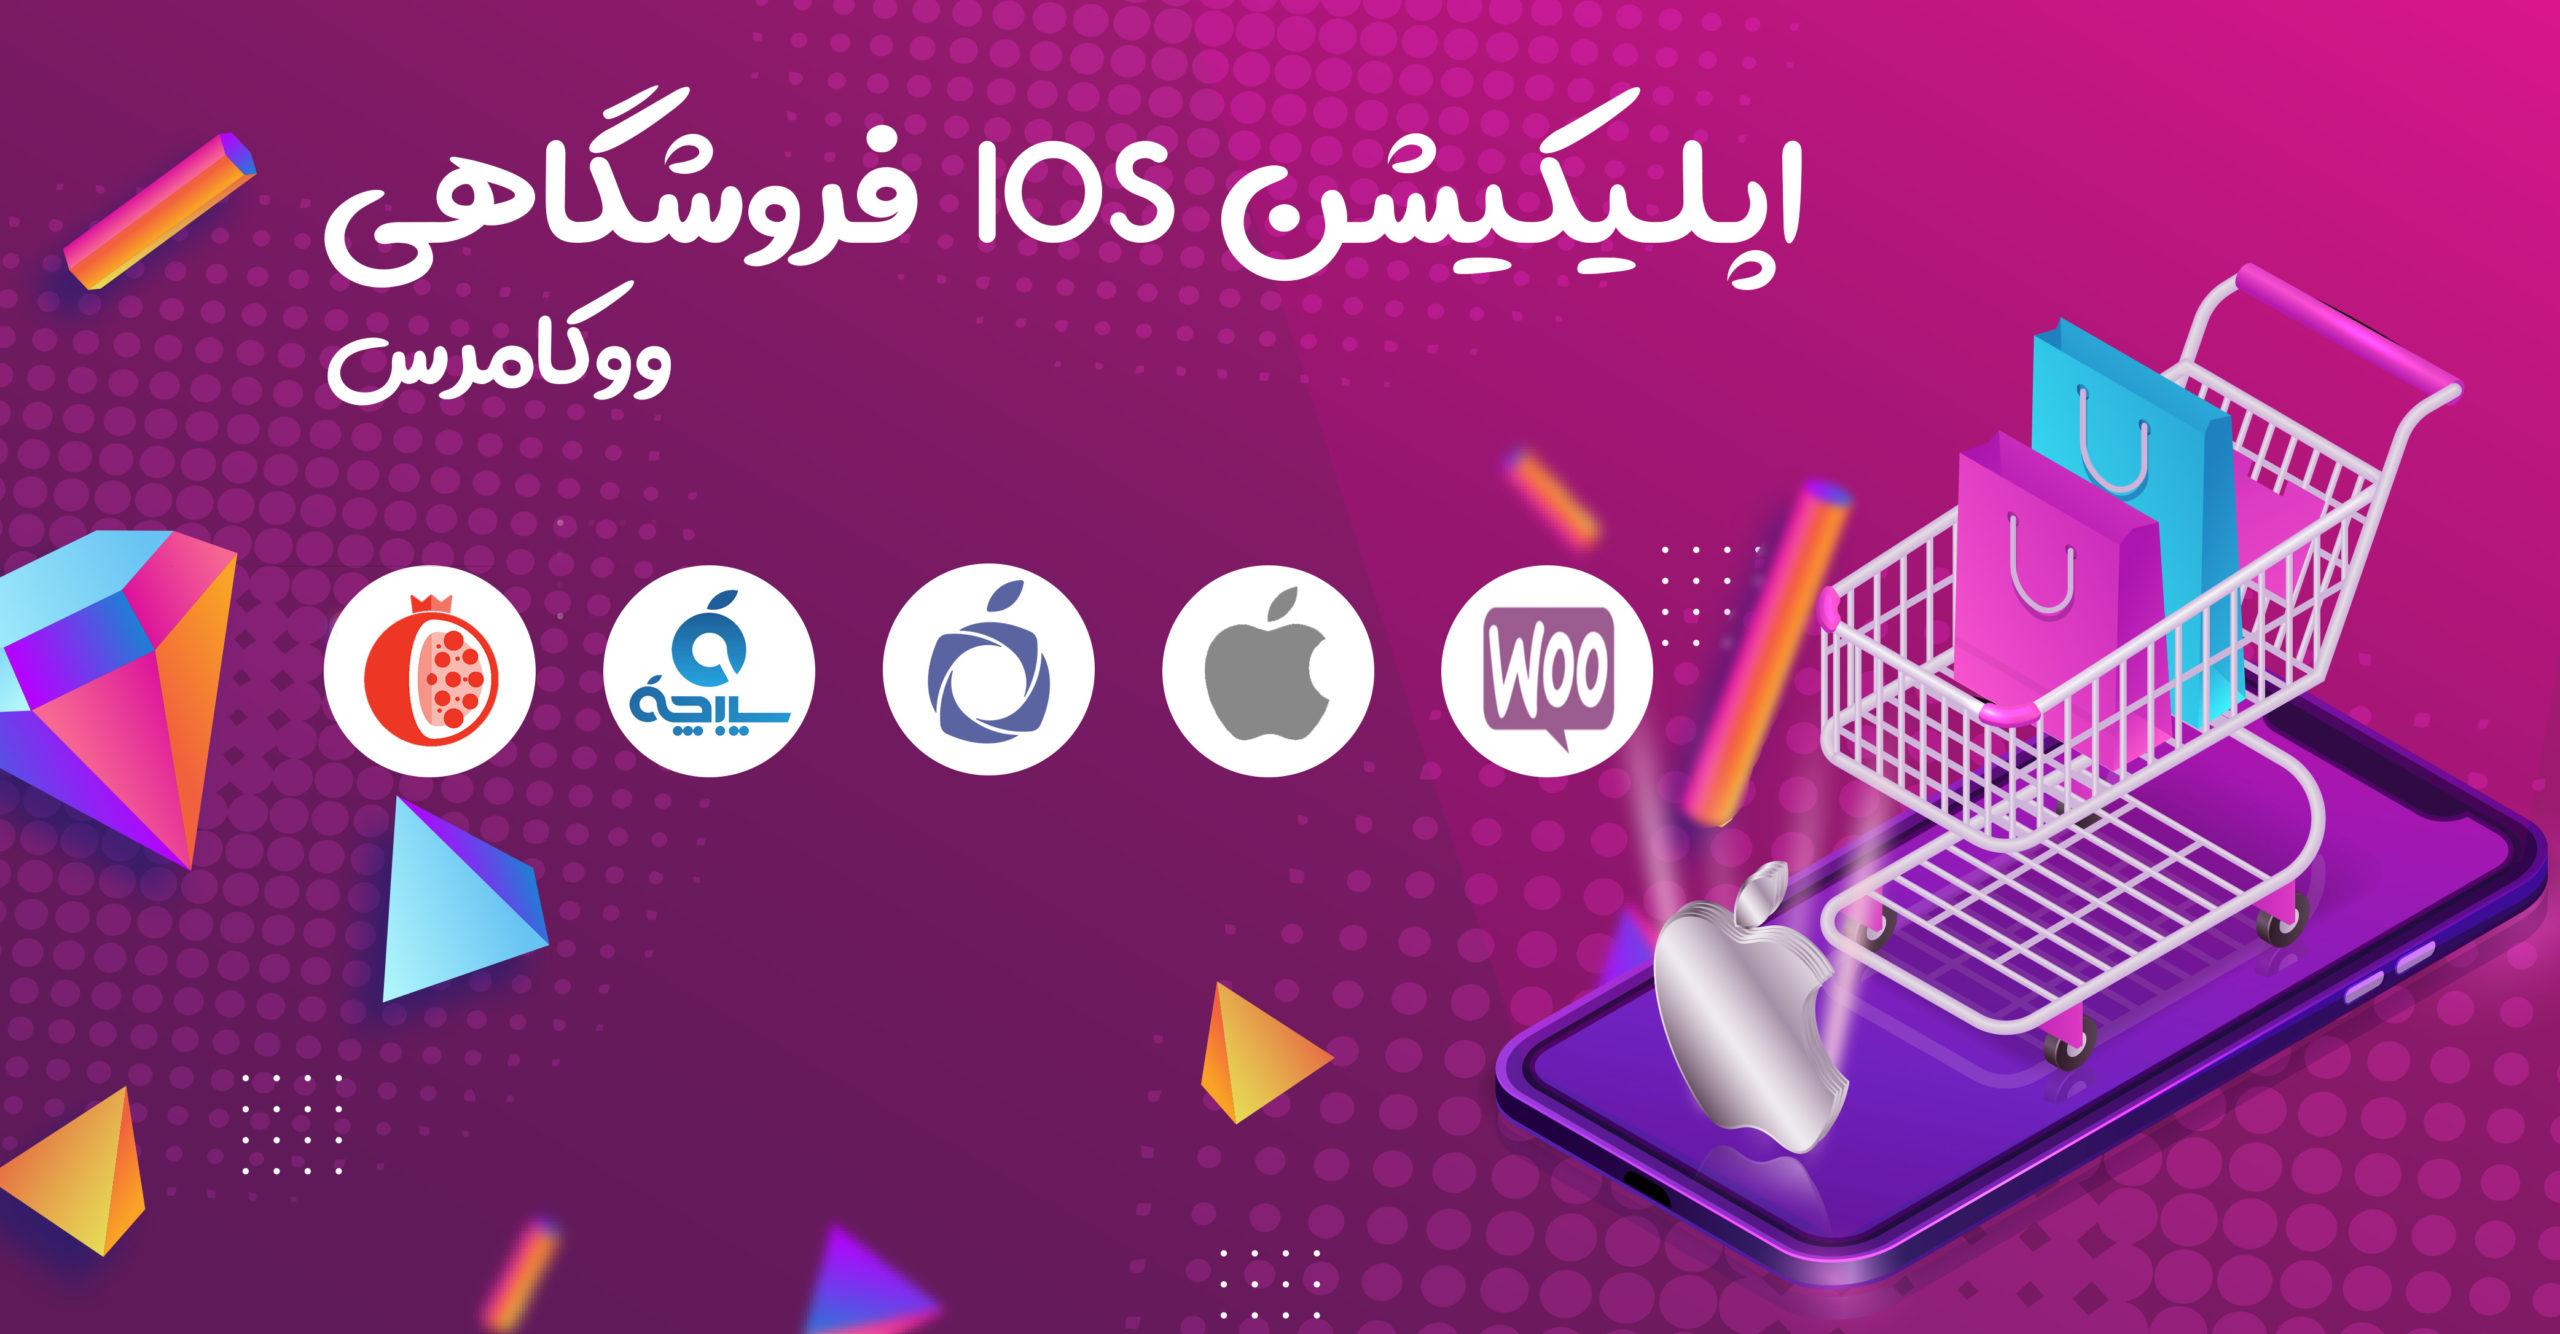 اپلیکیشن ios فروشگاهی (آی او اس) ووکامرس | دمو آنلاین با دانلود مستقیم